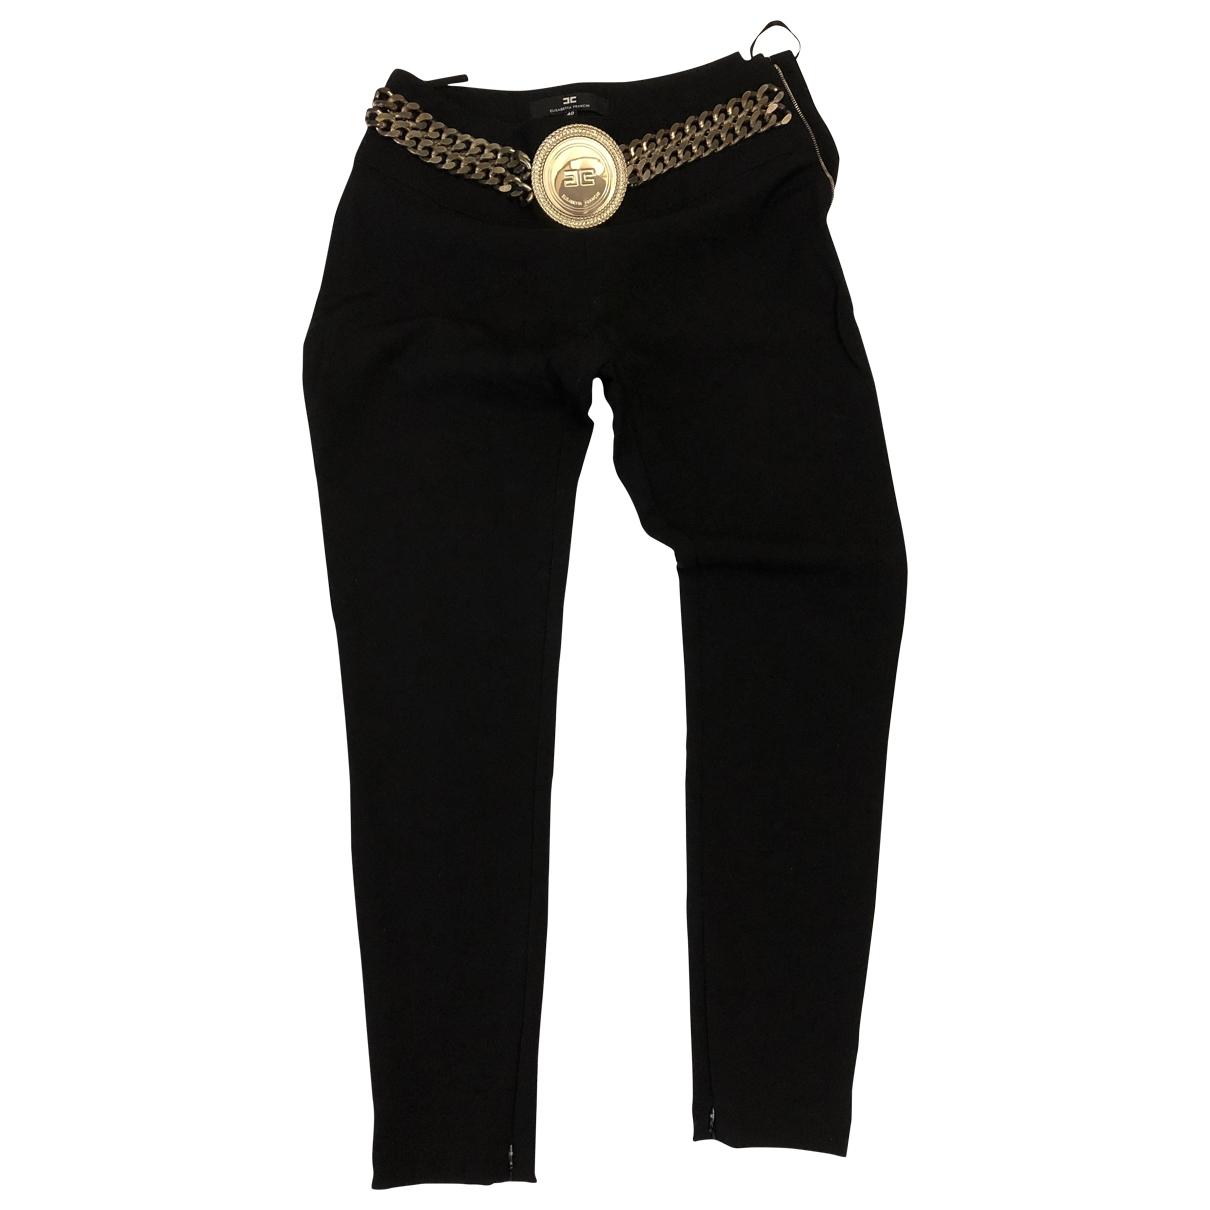 Elisabetta Franchi \N Black Trousers for Women 40 IT